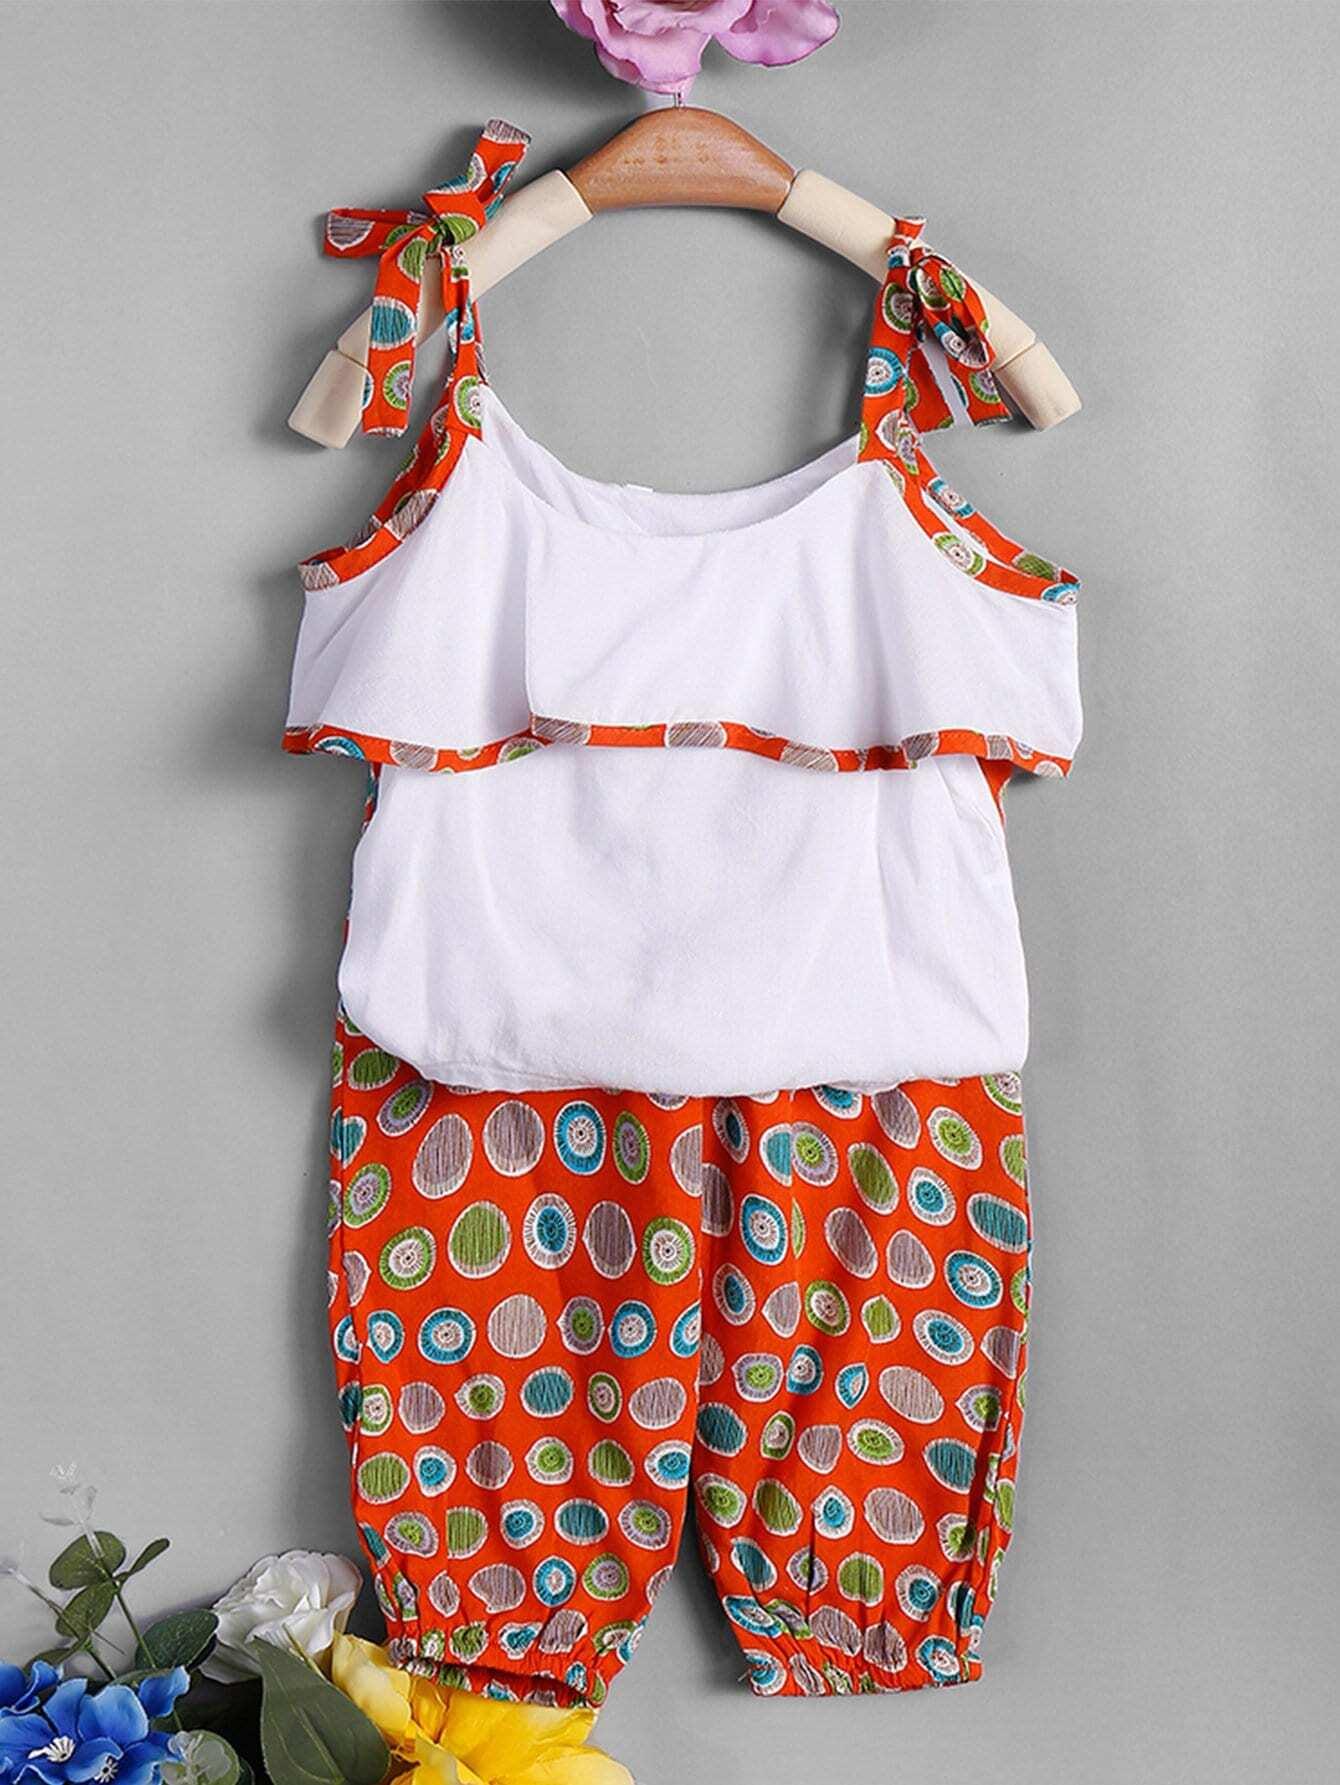 Купить Блузка на бретелях с кружевными оборками и брюки с рисункаи точк для девочки, null, SheIn